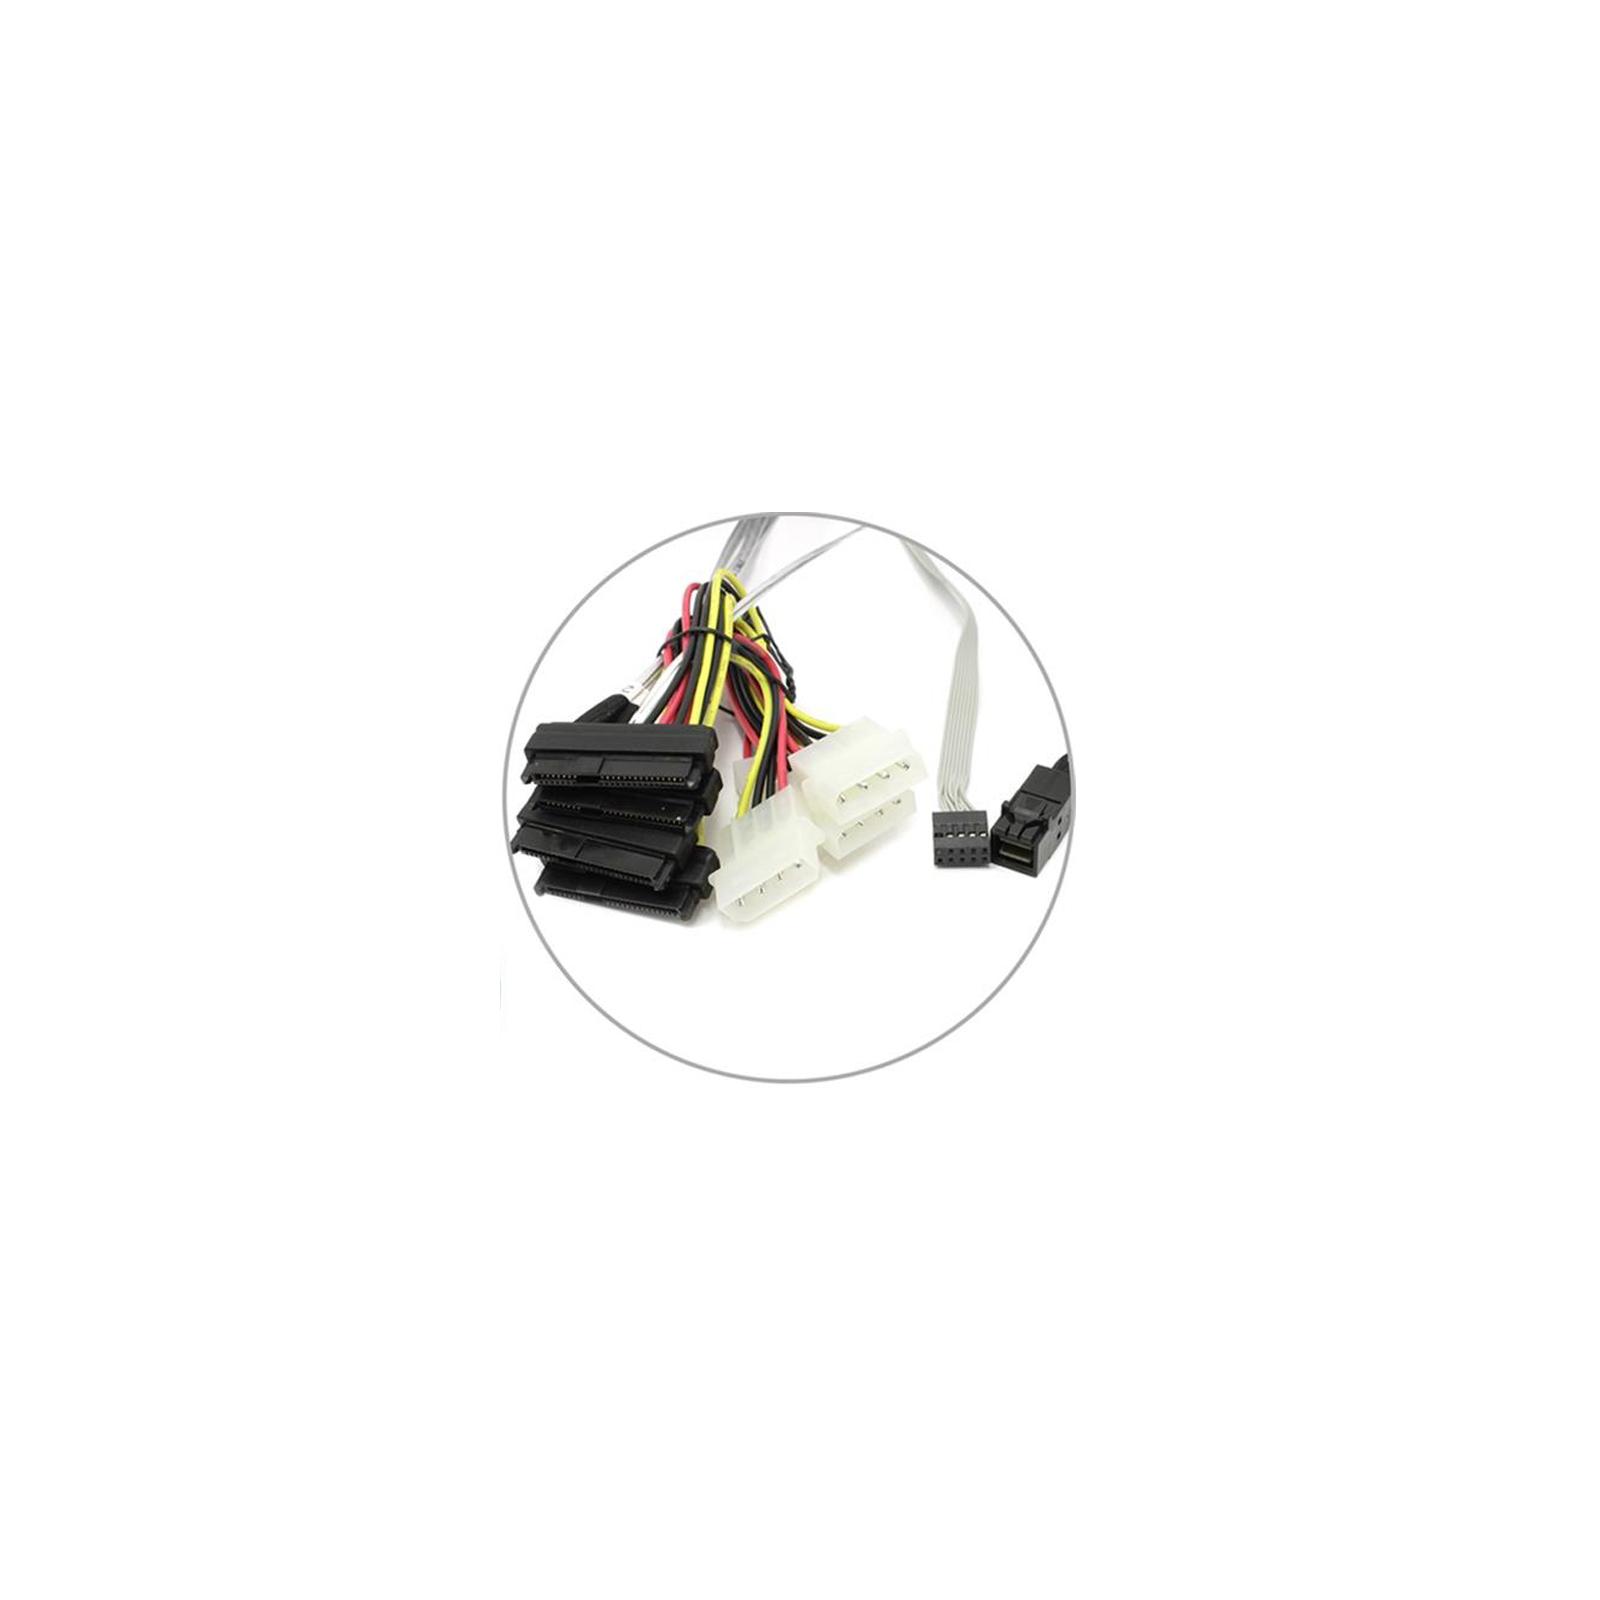 Кабель для передачи данных Adaptec ACK-I-HDmSAS-4SAS-SB-0.8M 2280100-R изображение 2